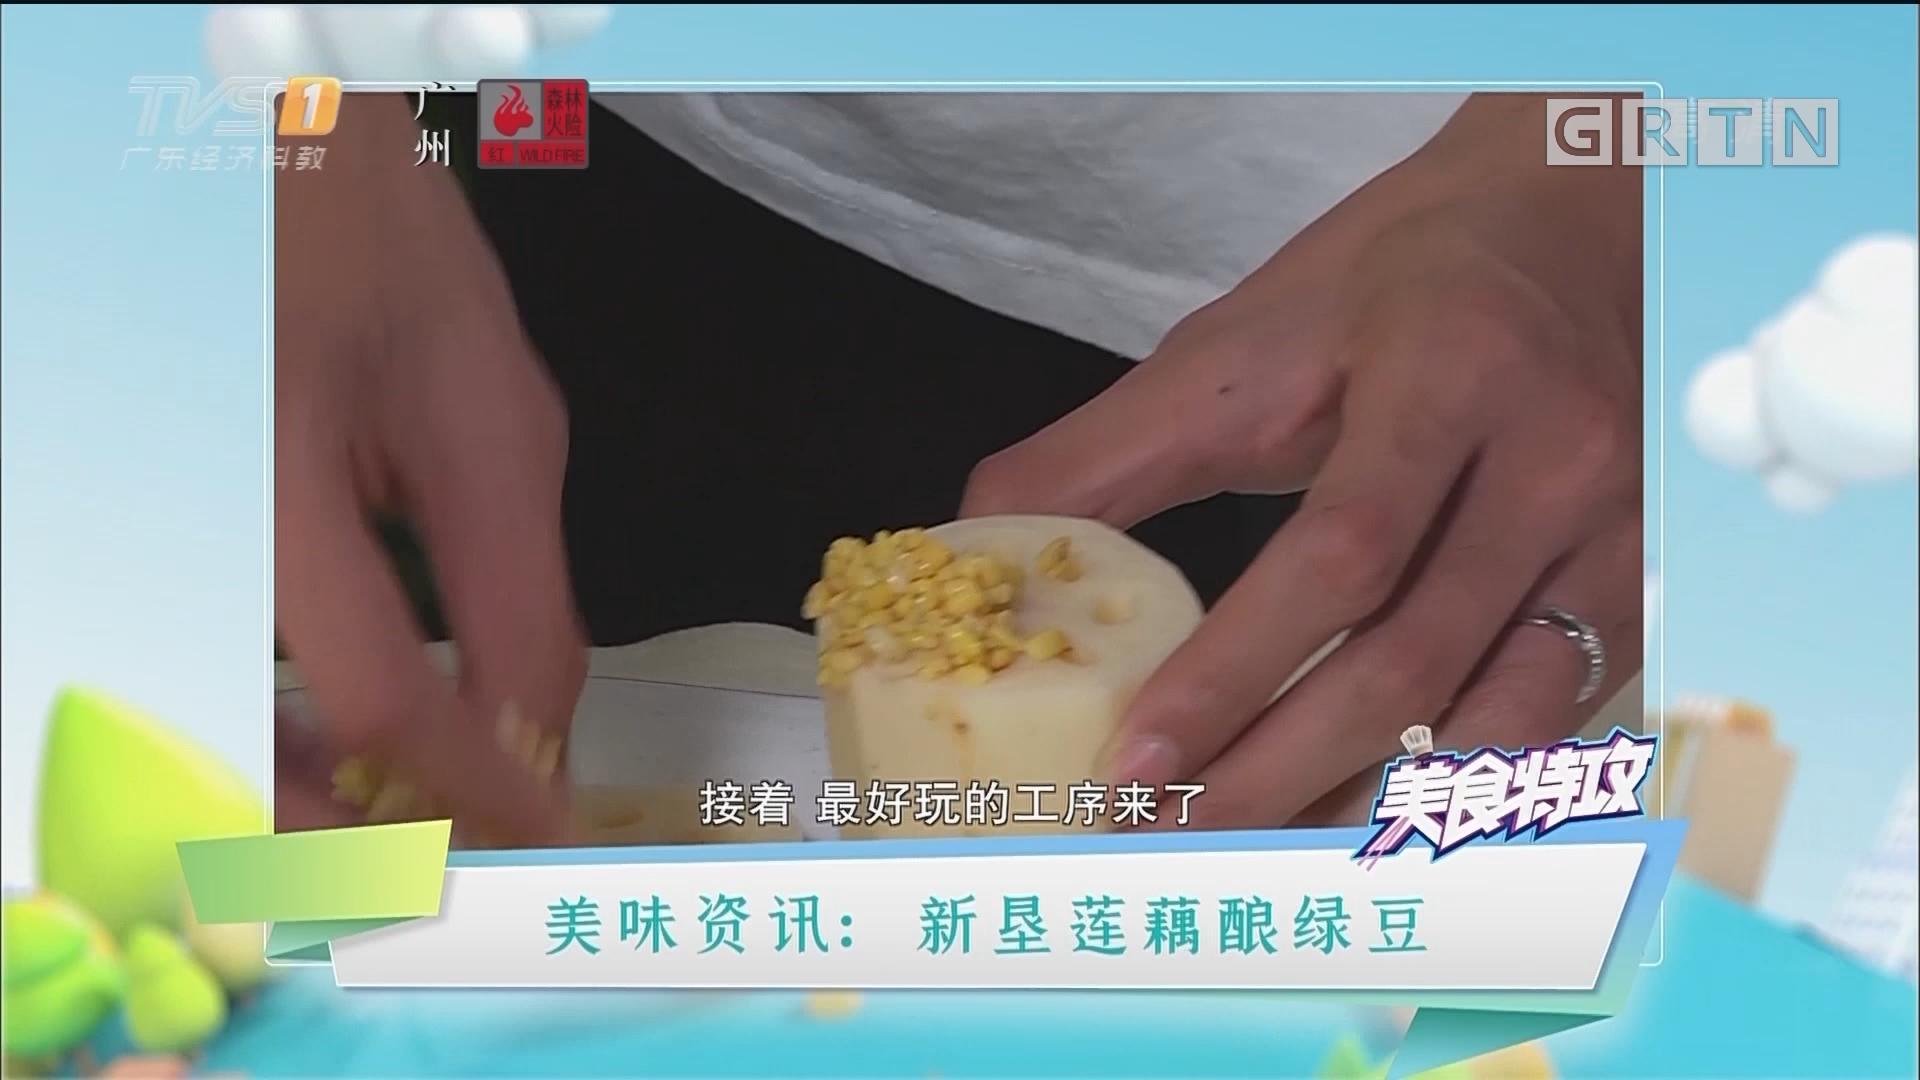 美味资讯:新垦莲藕酿绿豆